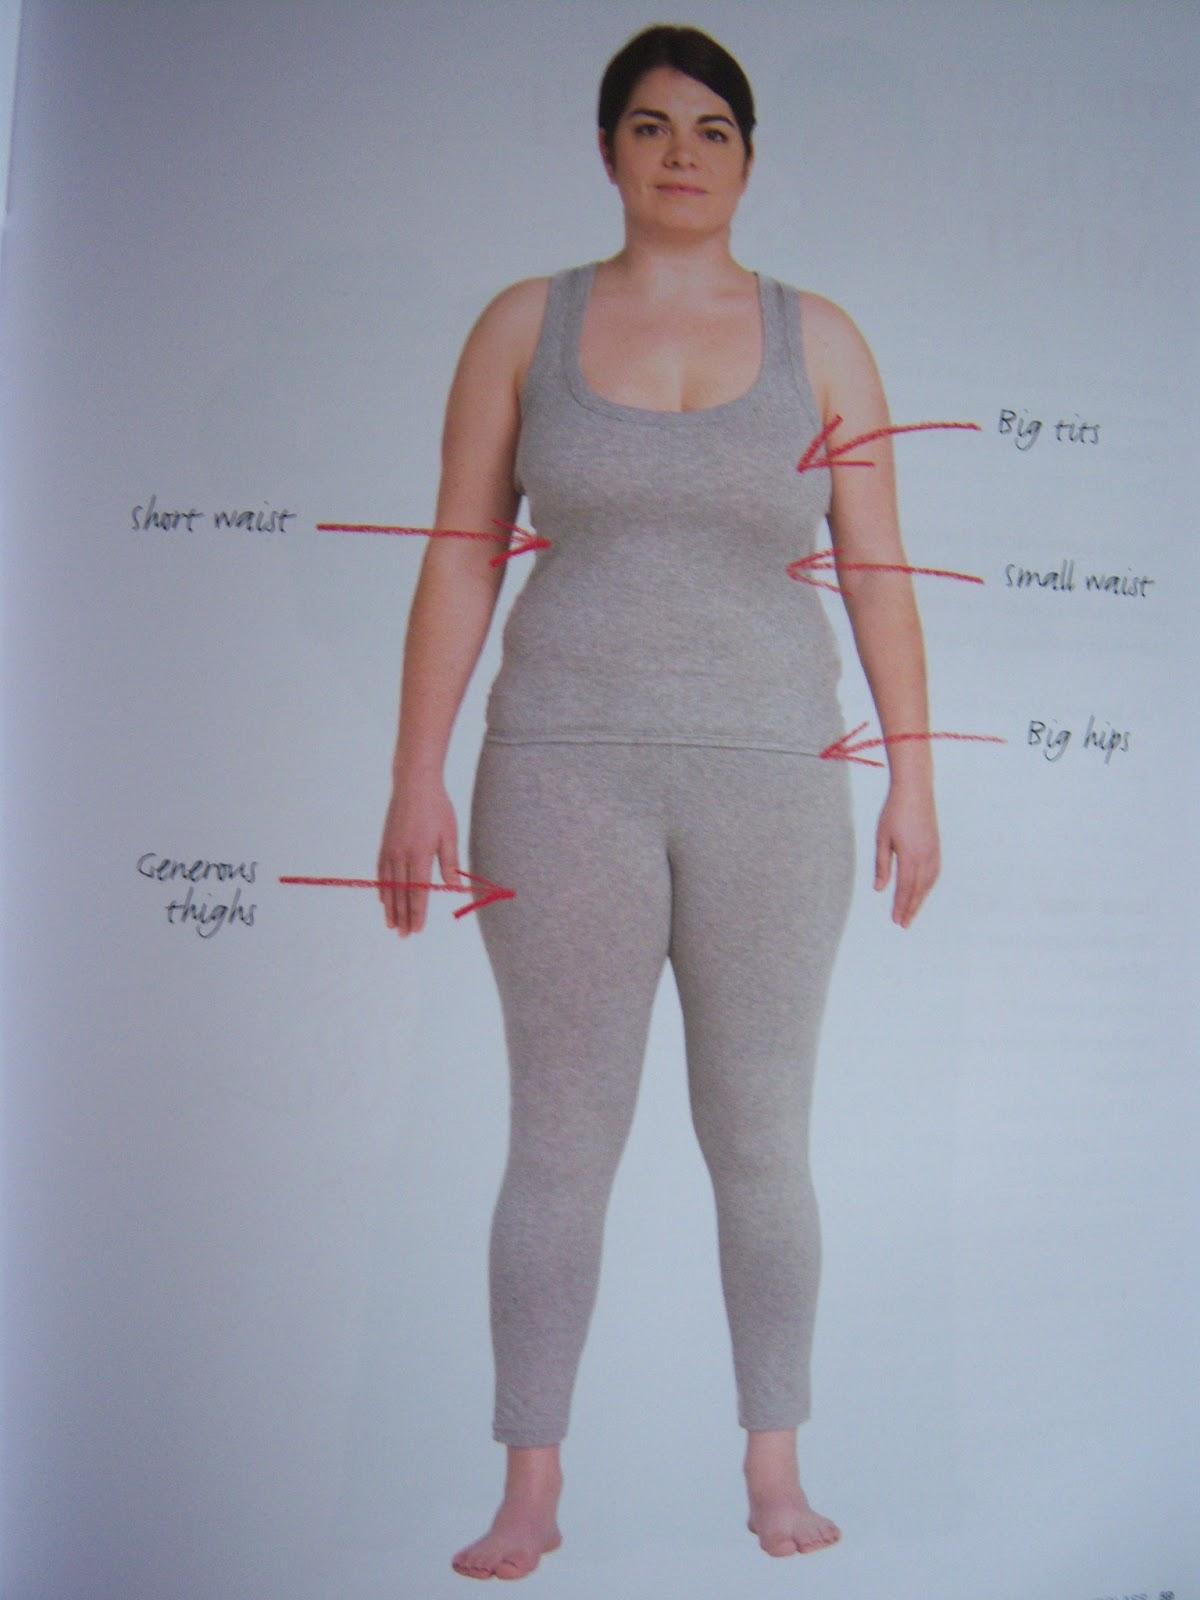 Фото женская фигура сзади 7 фотография